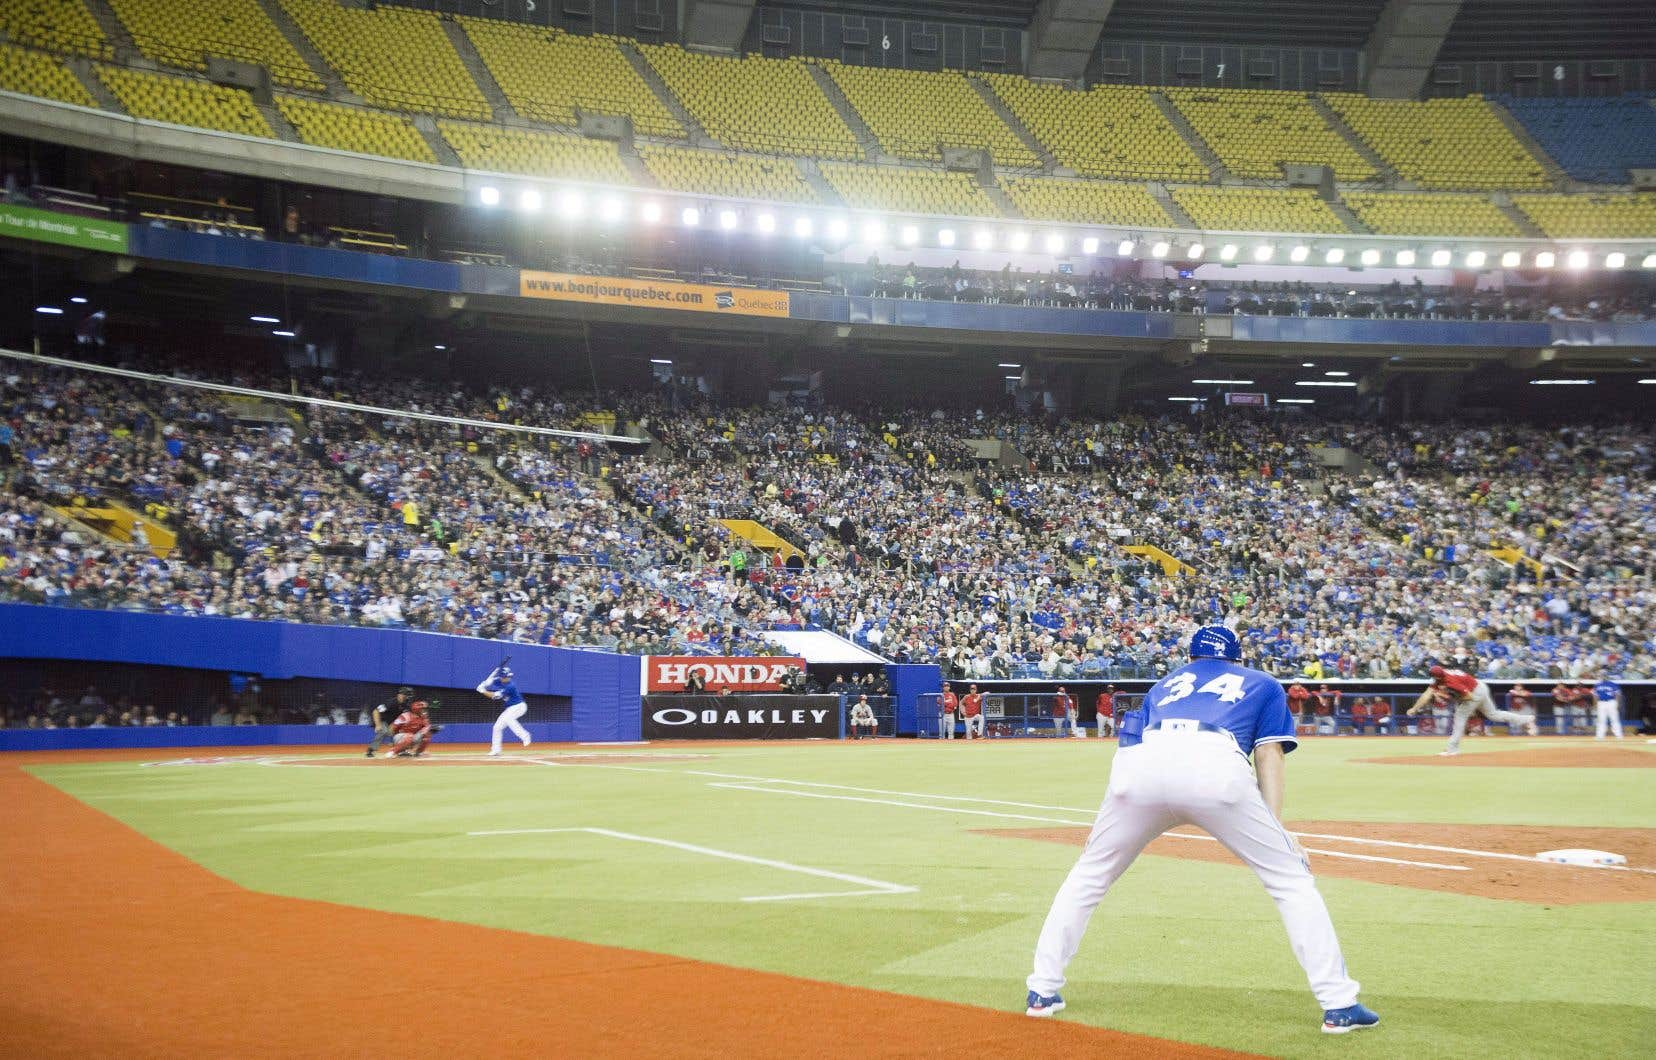 Plus de 25000 spectateurs ont assisté au premier match préparatoire entre les Blue Jays de Toronto et les Cardinals de St. Louis, lundi soir au Stade olympique.